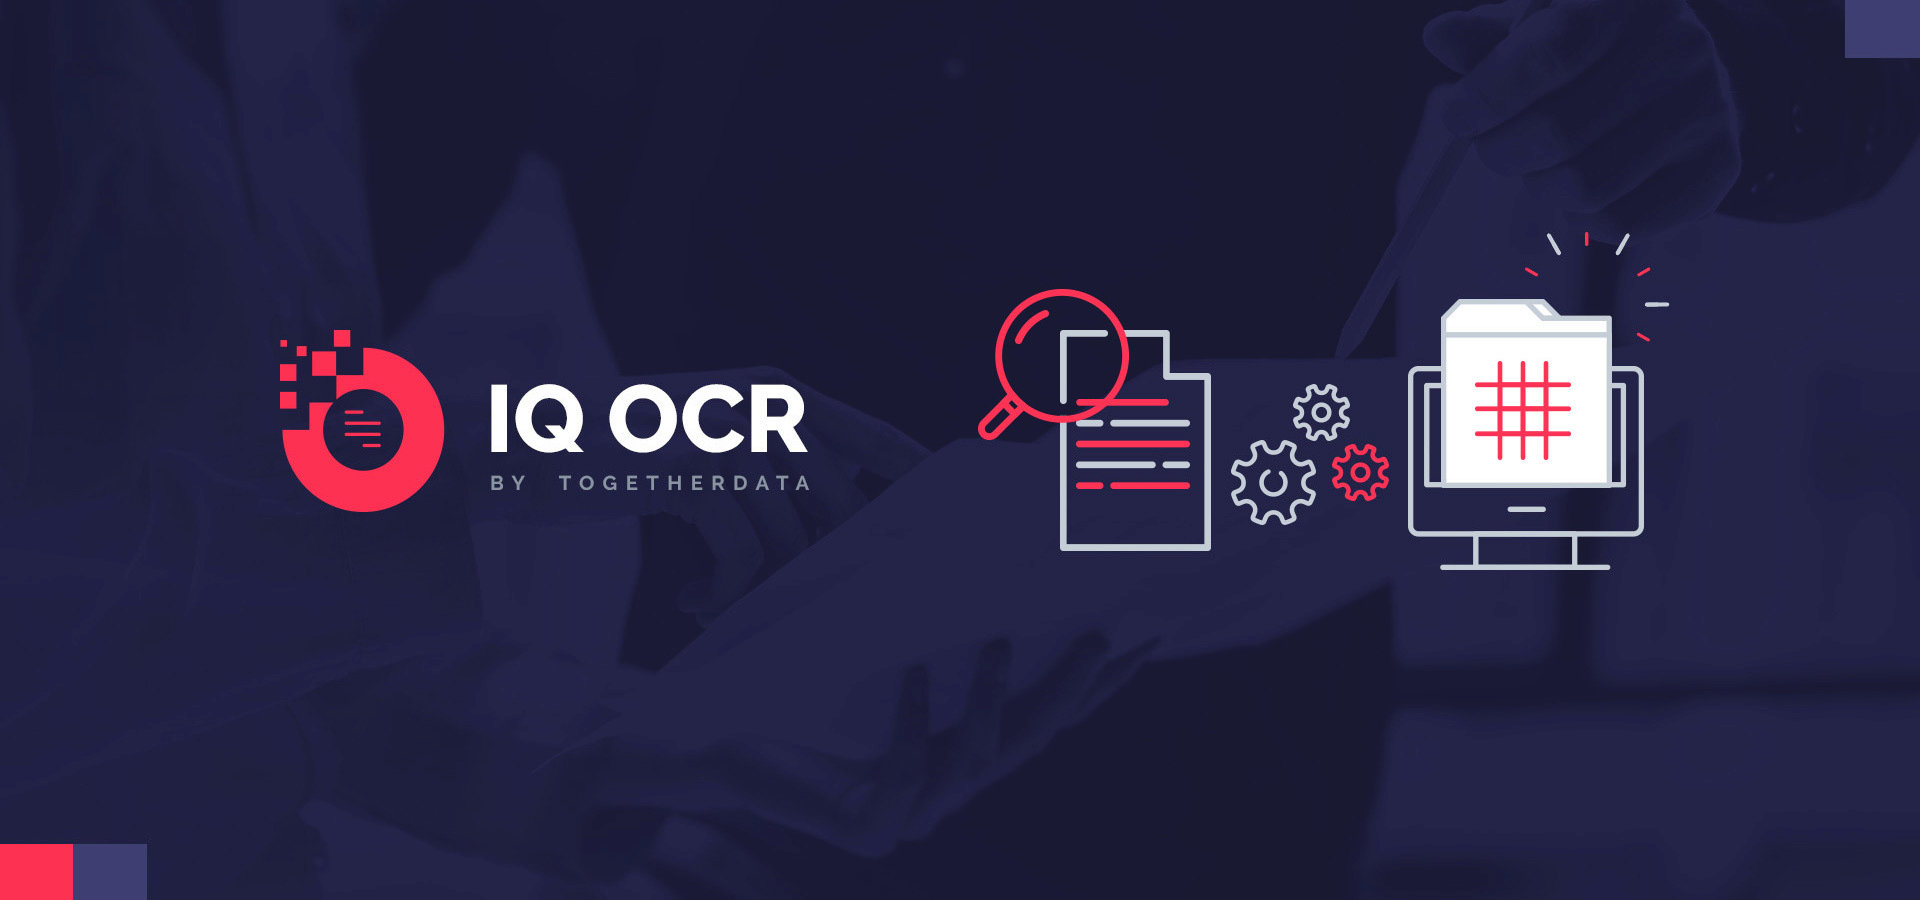 IQ OCR - Inteligentny system rozpoznający dane nawet z nieustrukturyzowanych dokumentów